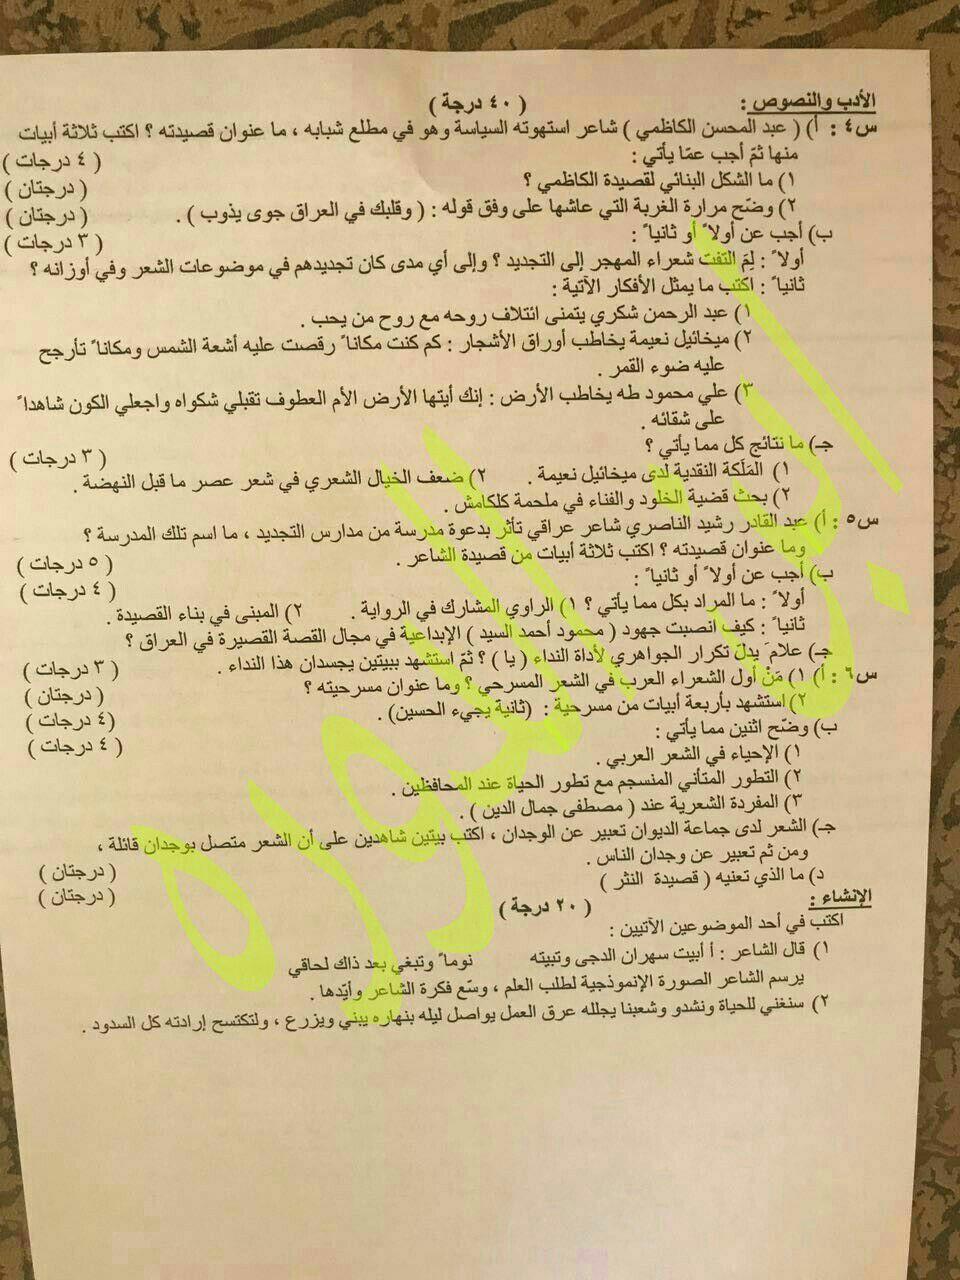 اسئلة اللغة العربية للصف السادس العلمي 2017 الدور الثاني Image11